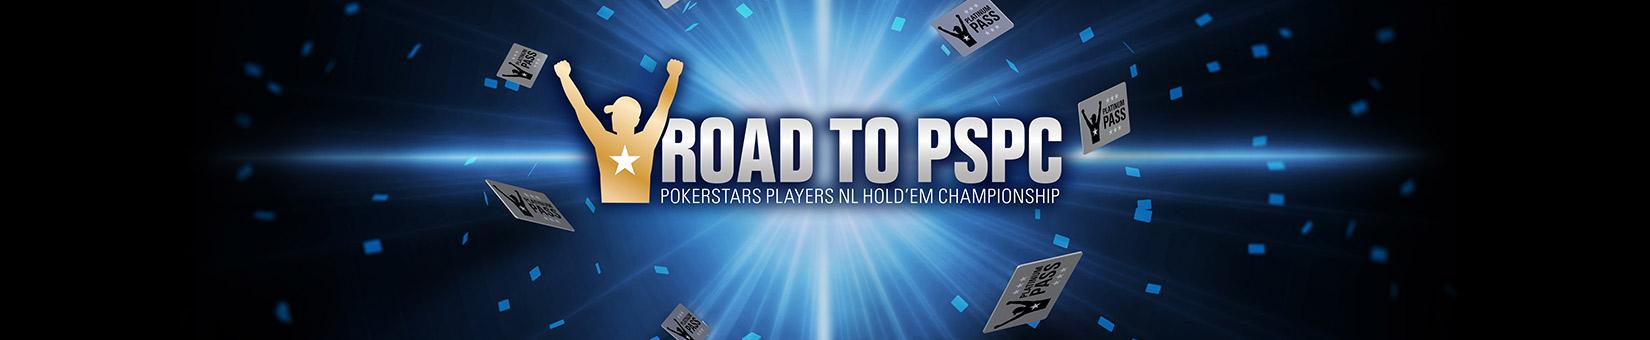 Pokerturniere Deutschland 2021